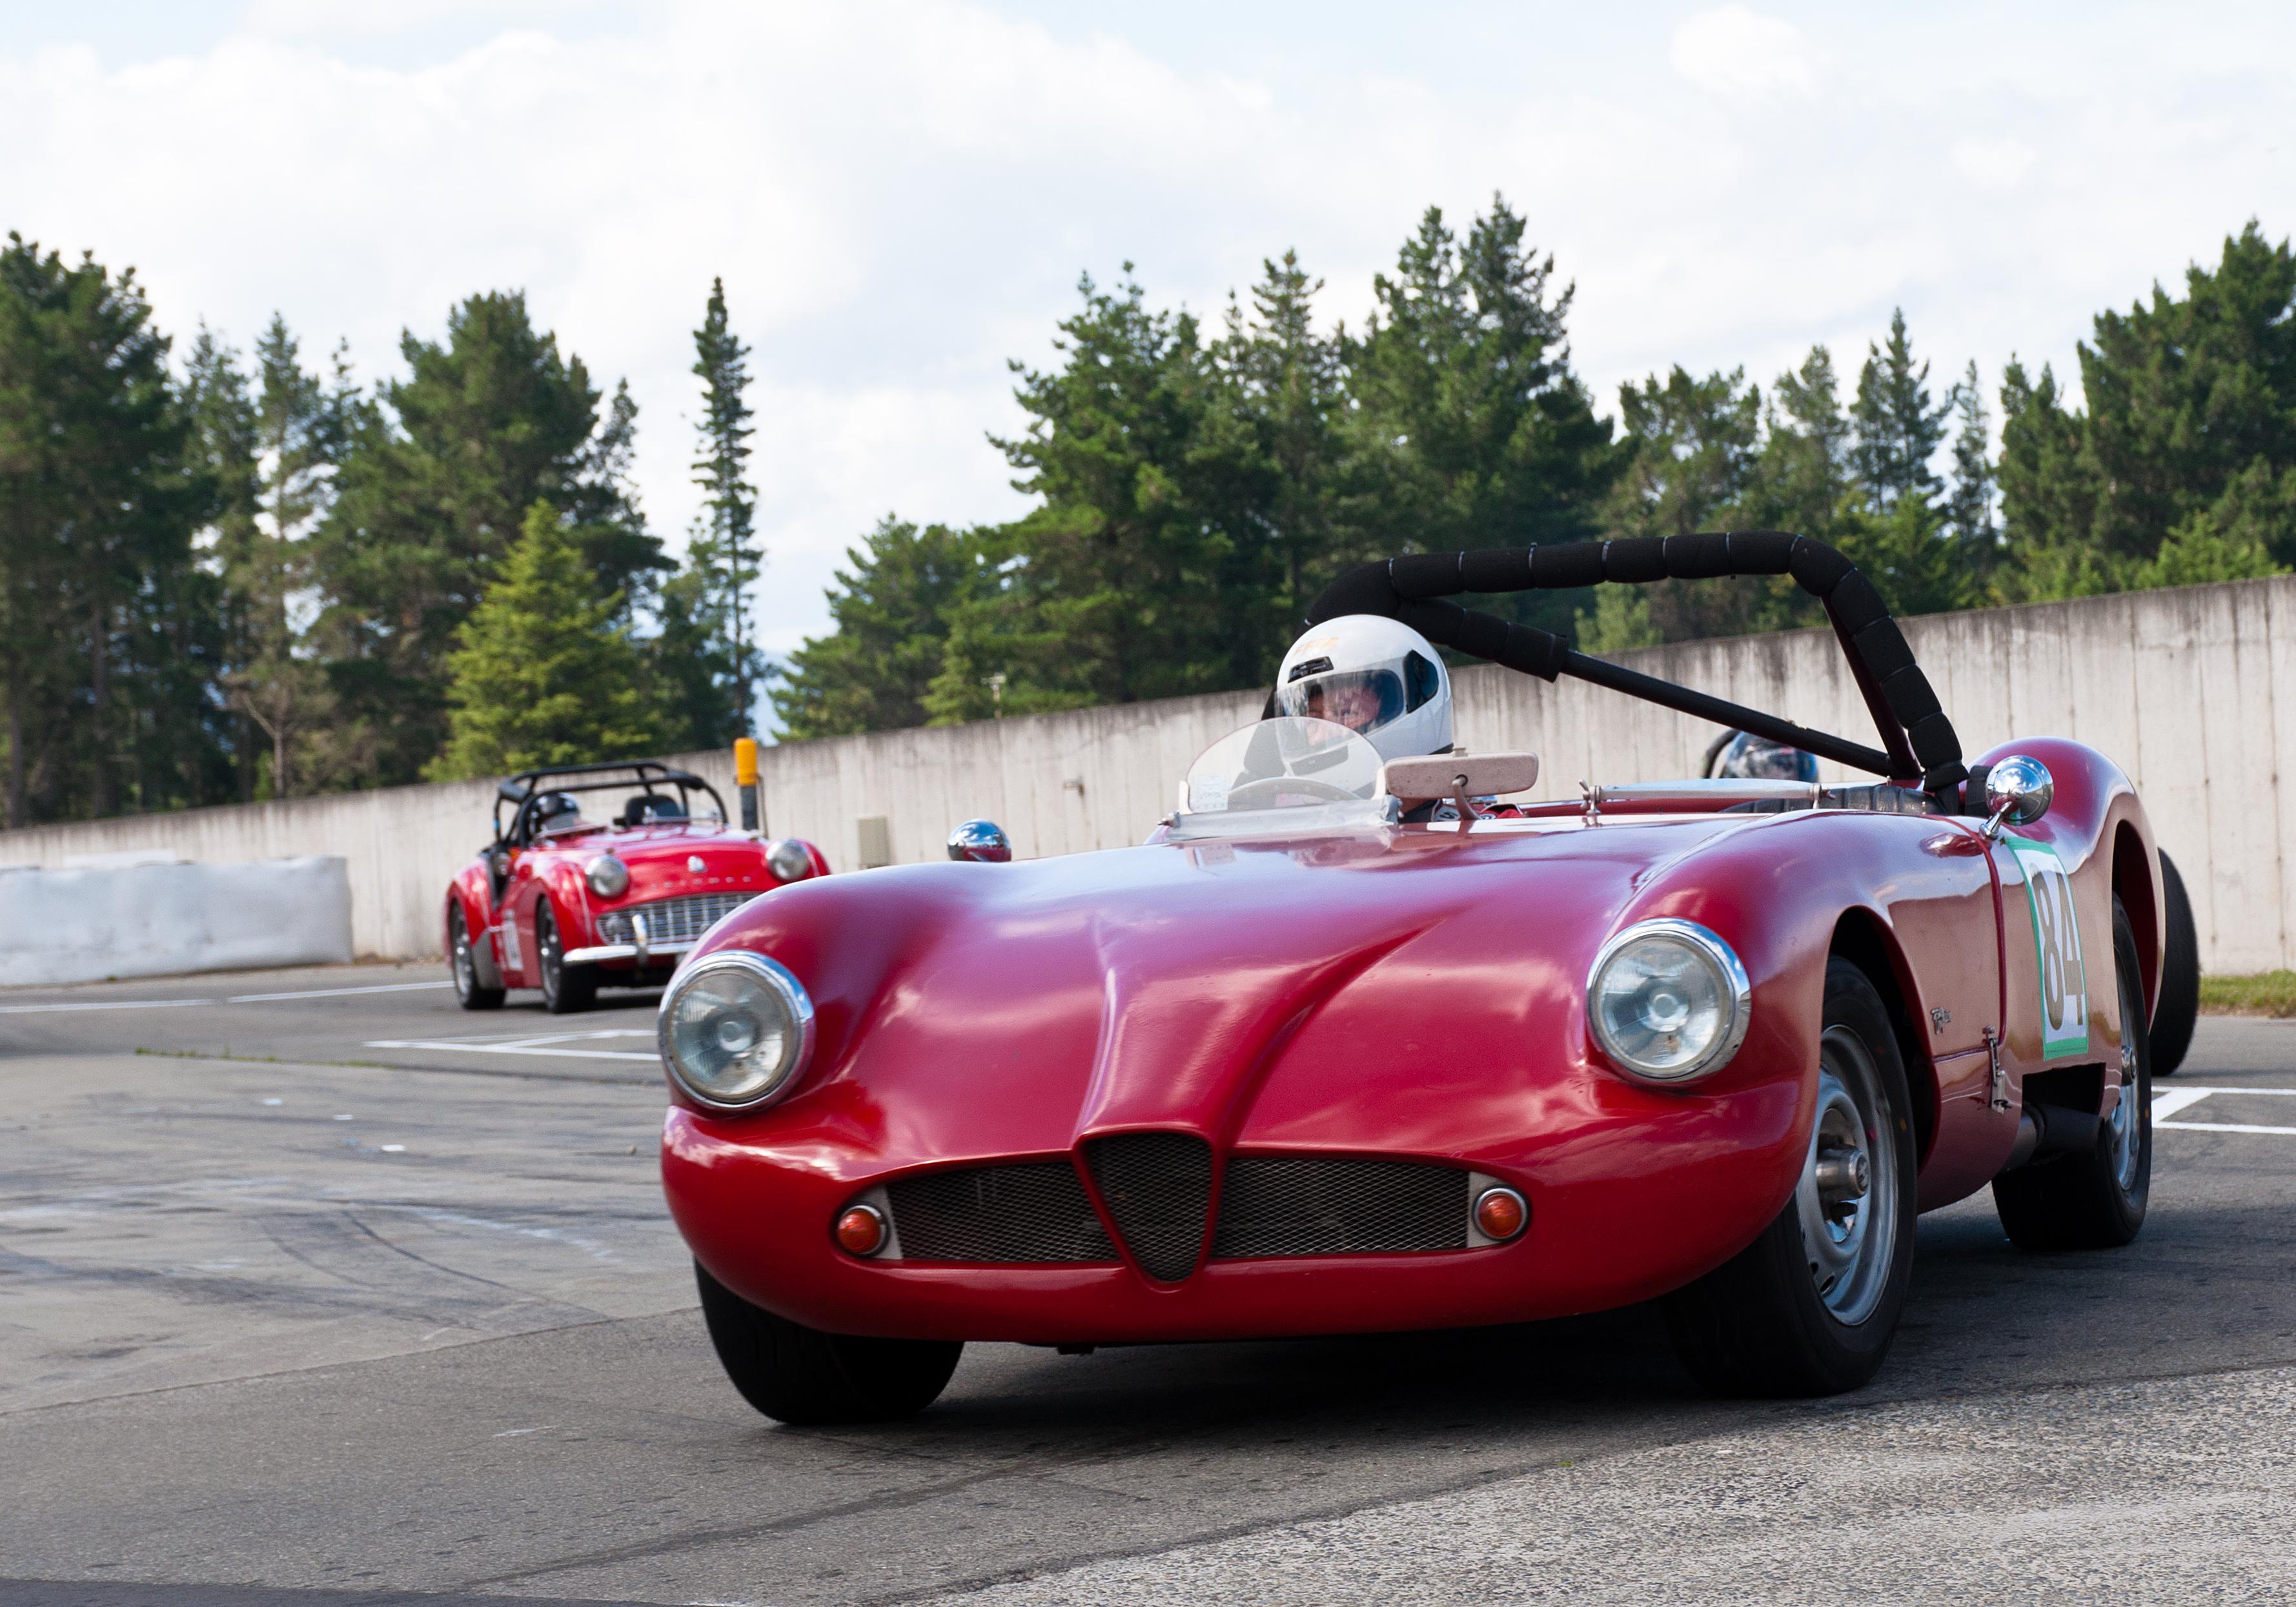 Alfa Romeo Replica 1956, Alfa, Car, Christchurch, Classic, HQ Photo